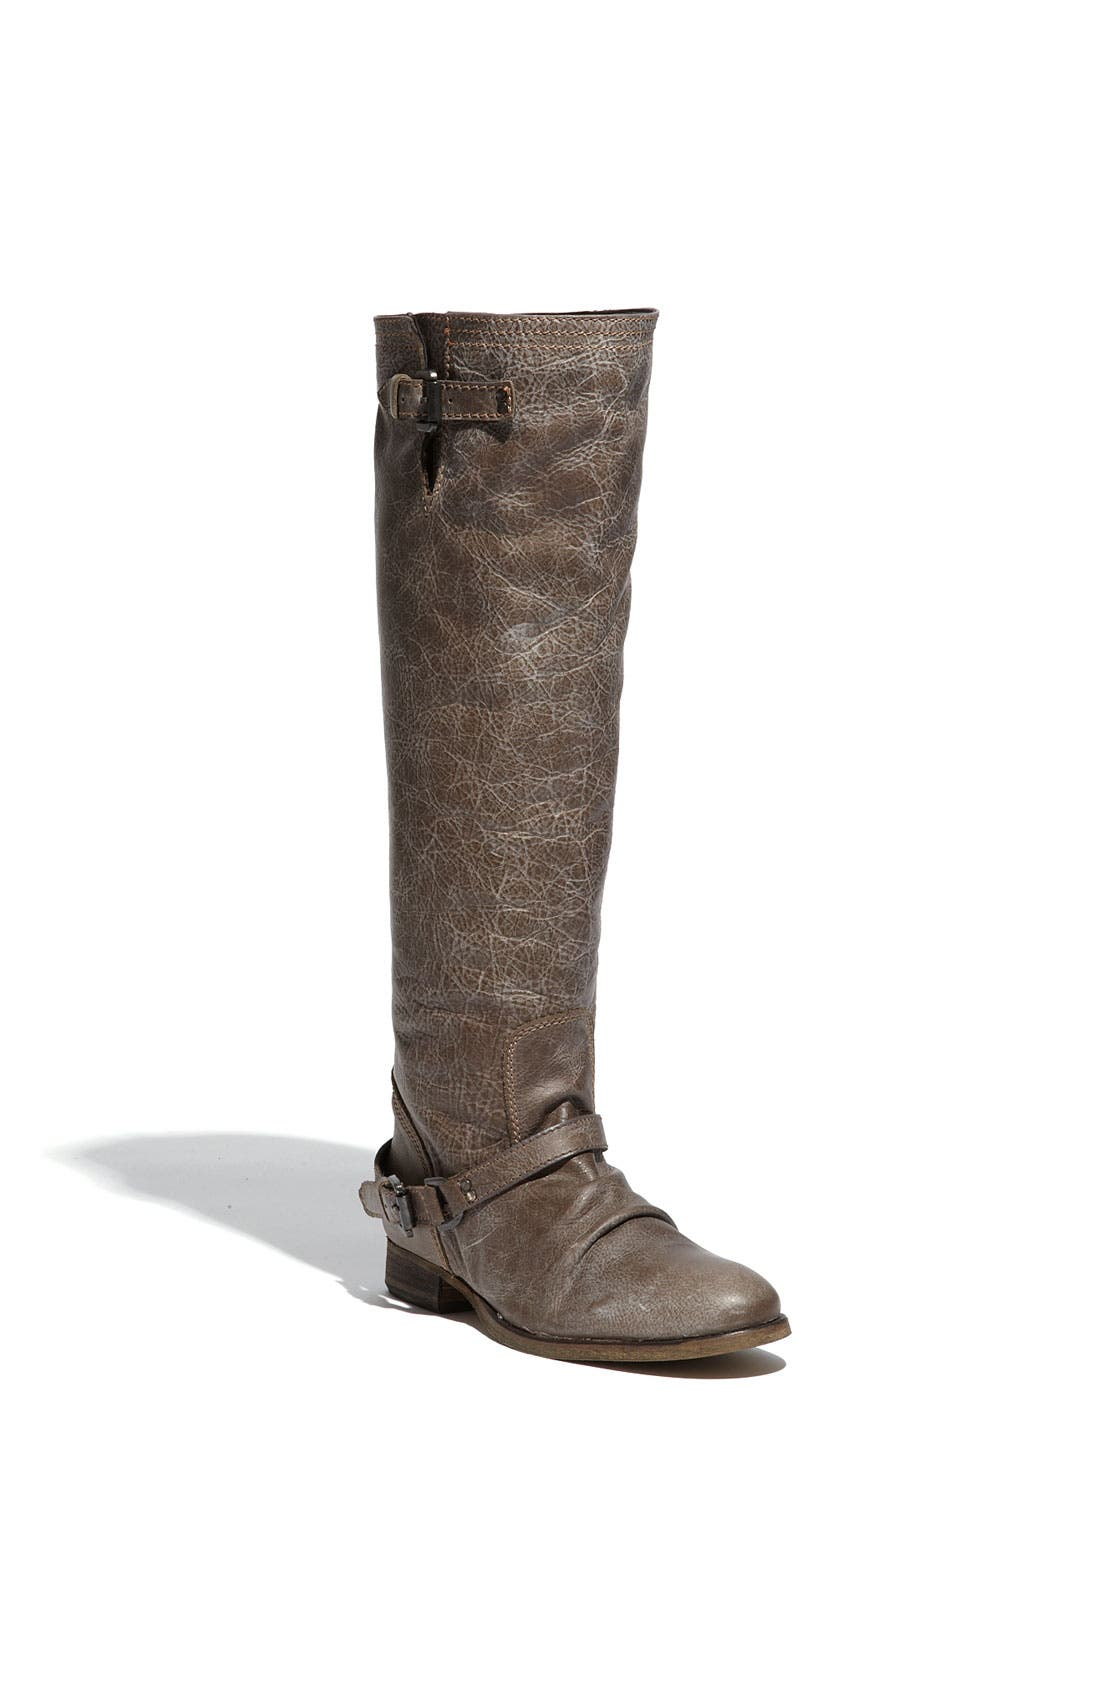 Alternate Image 1 Selected - Steve Madden 'Rovvee' Boot